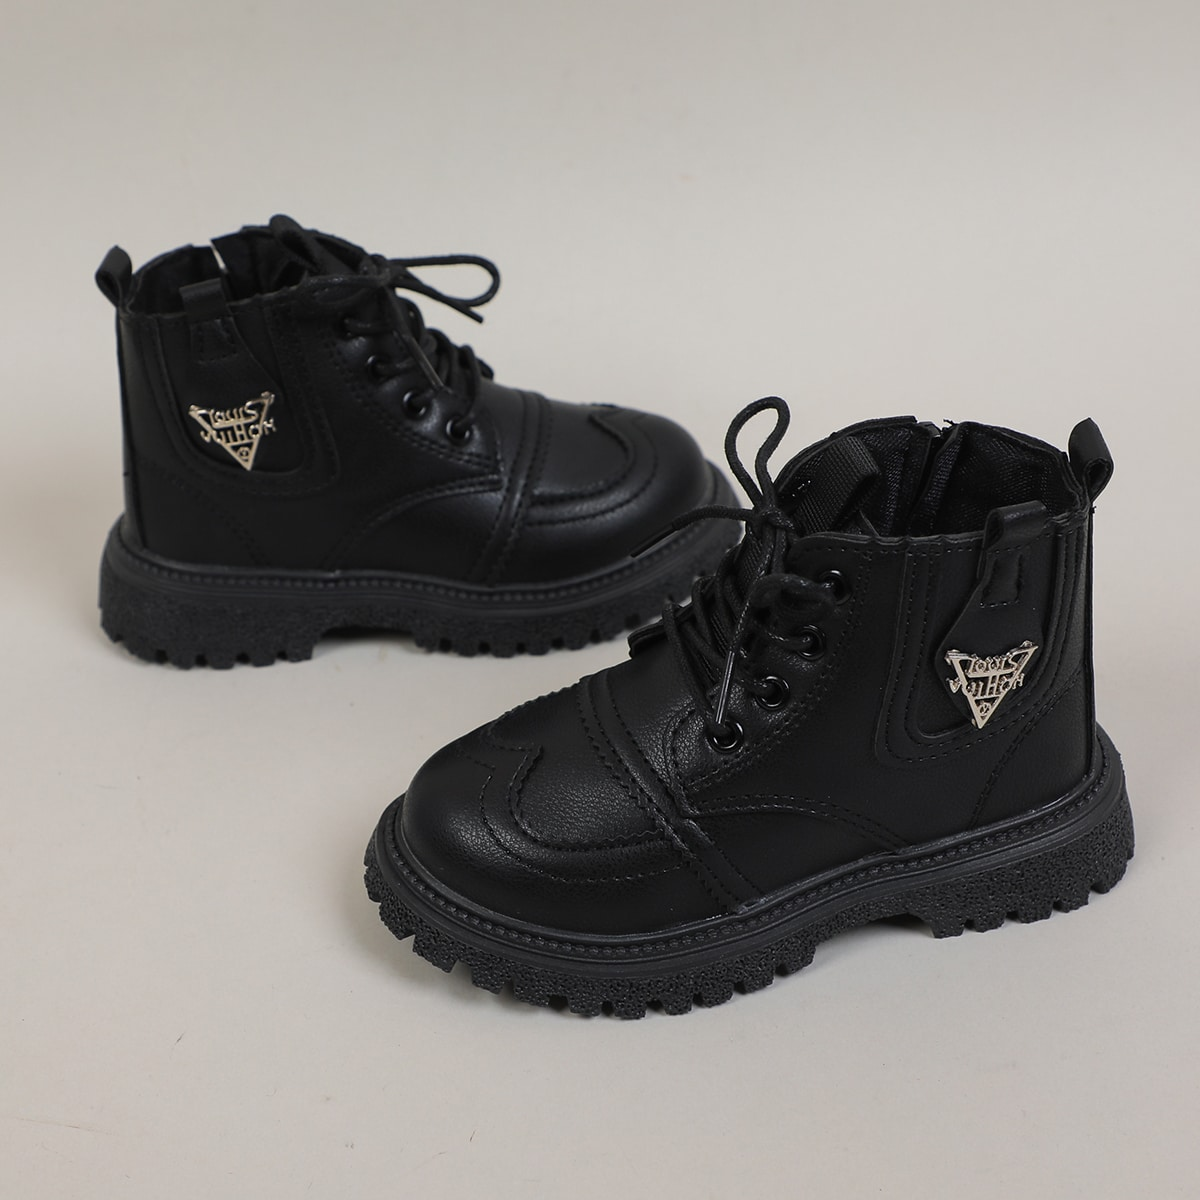 Ботинки с металлическим декором для мальчиков SheIn sk2107212226444601